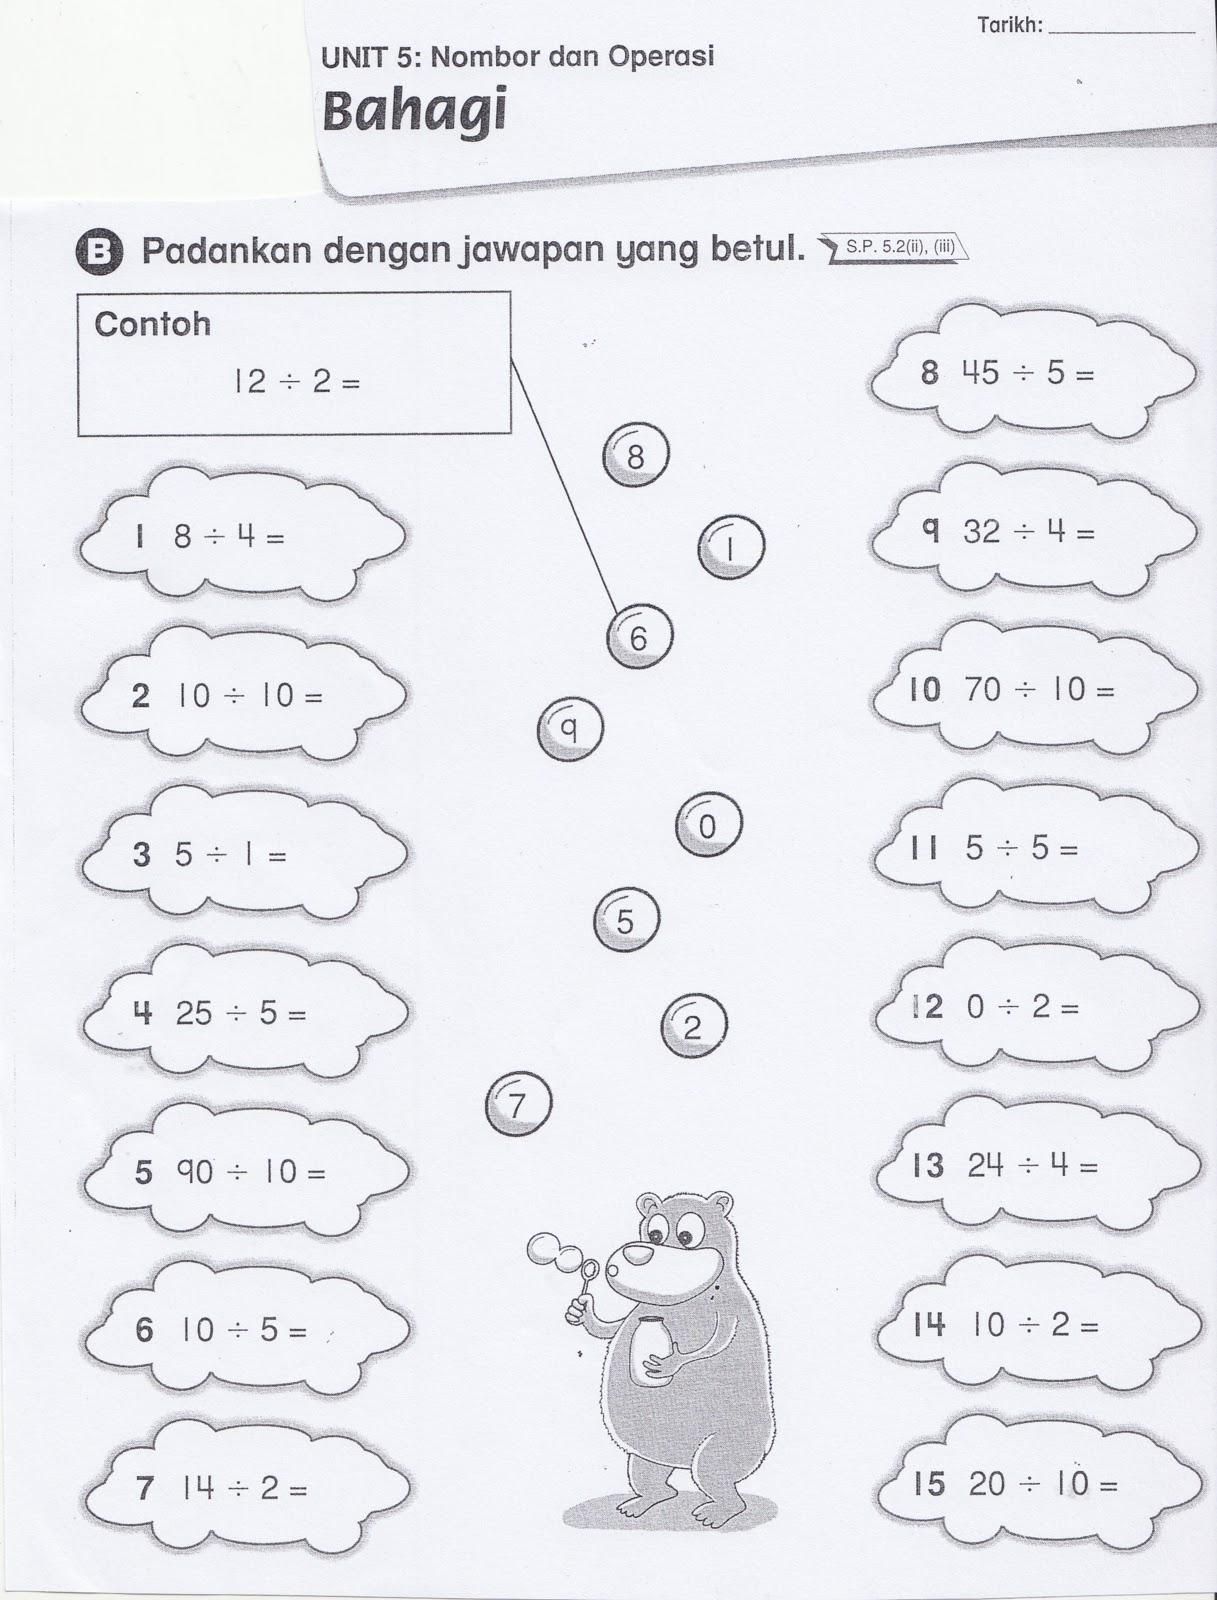 Sudut Matematik Lembaran Kerja 6 Operasi Bahagi